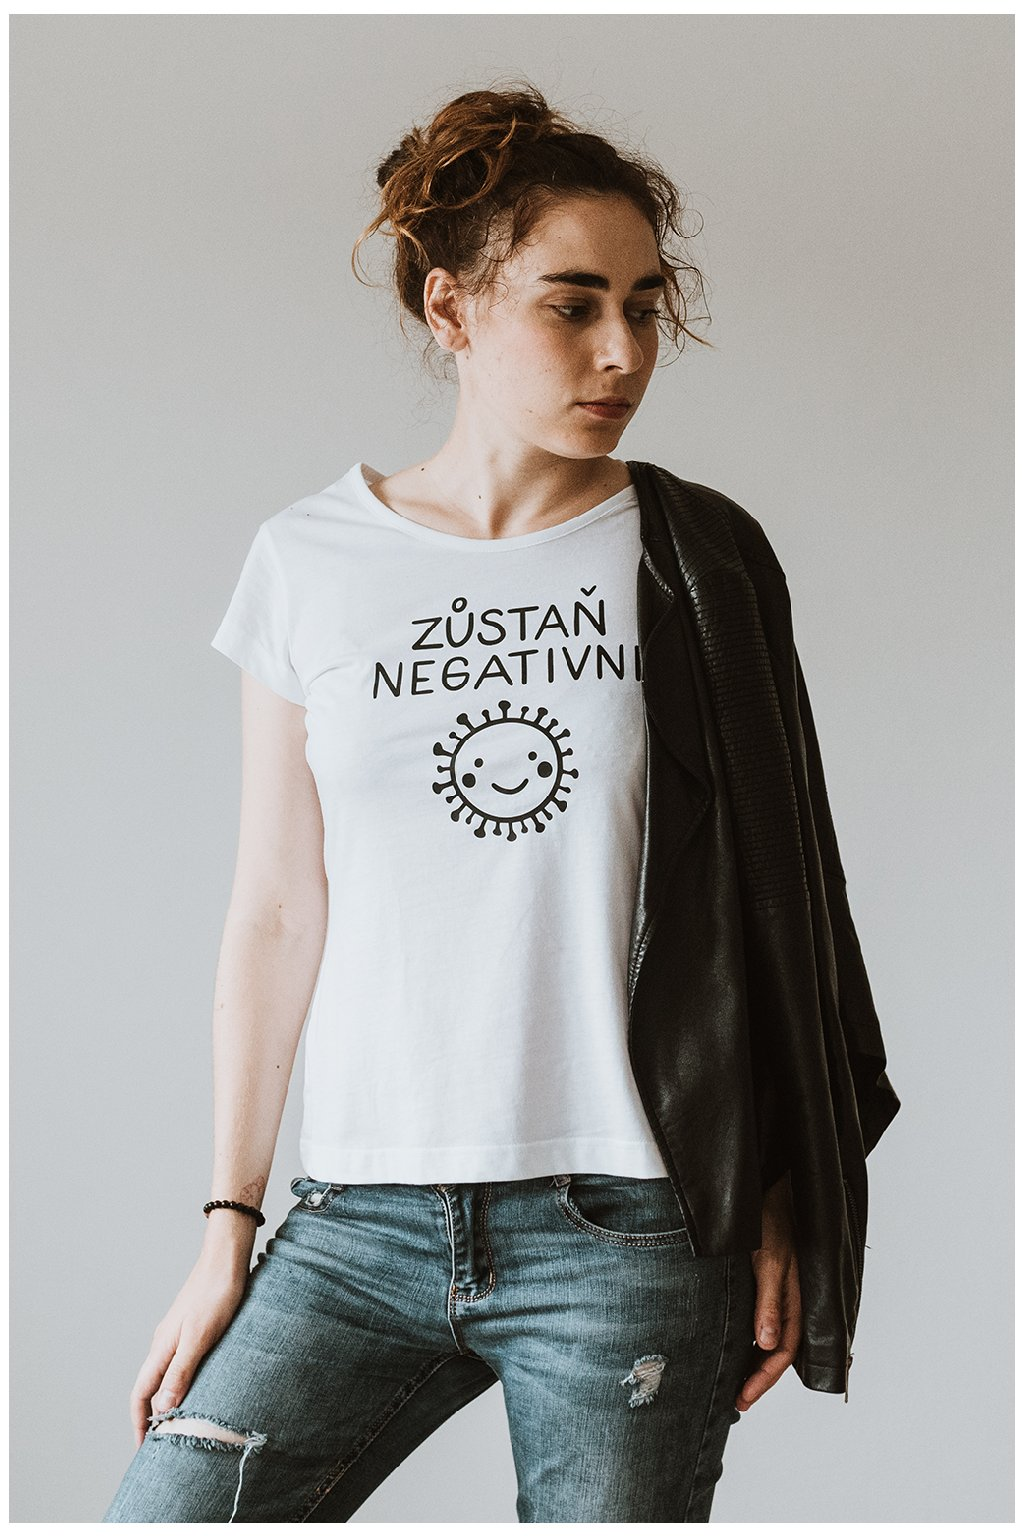 Svlíkárna Zůstaň Negativní tričko dámské - fotka - svlikarna.cz